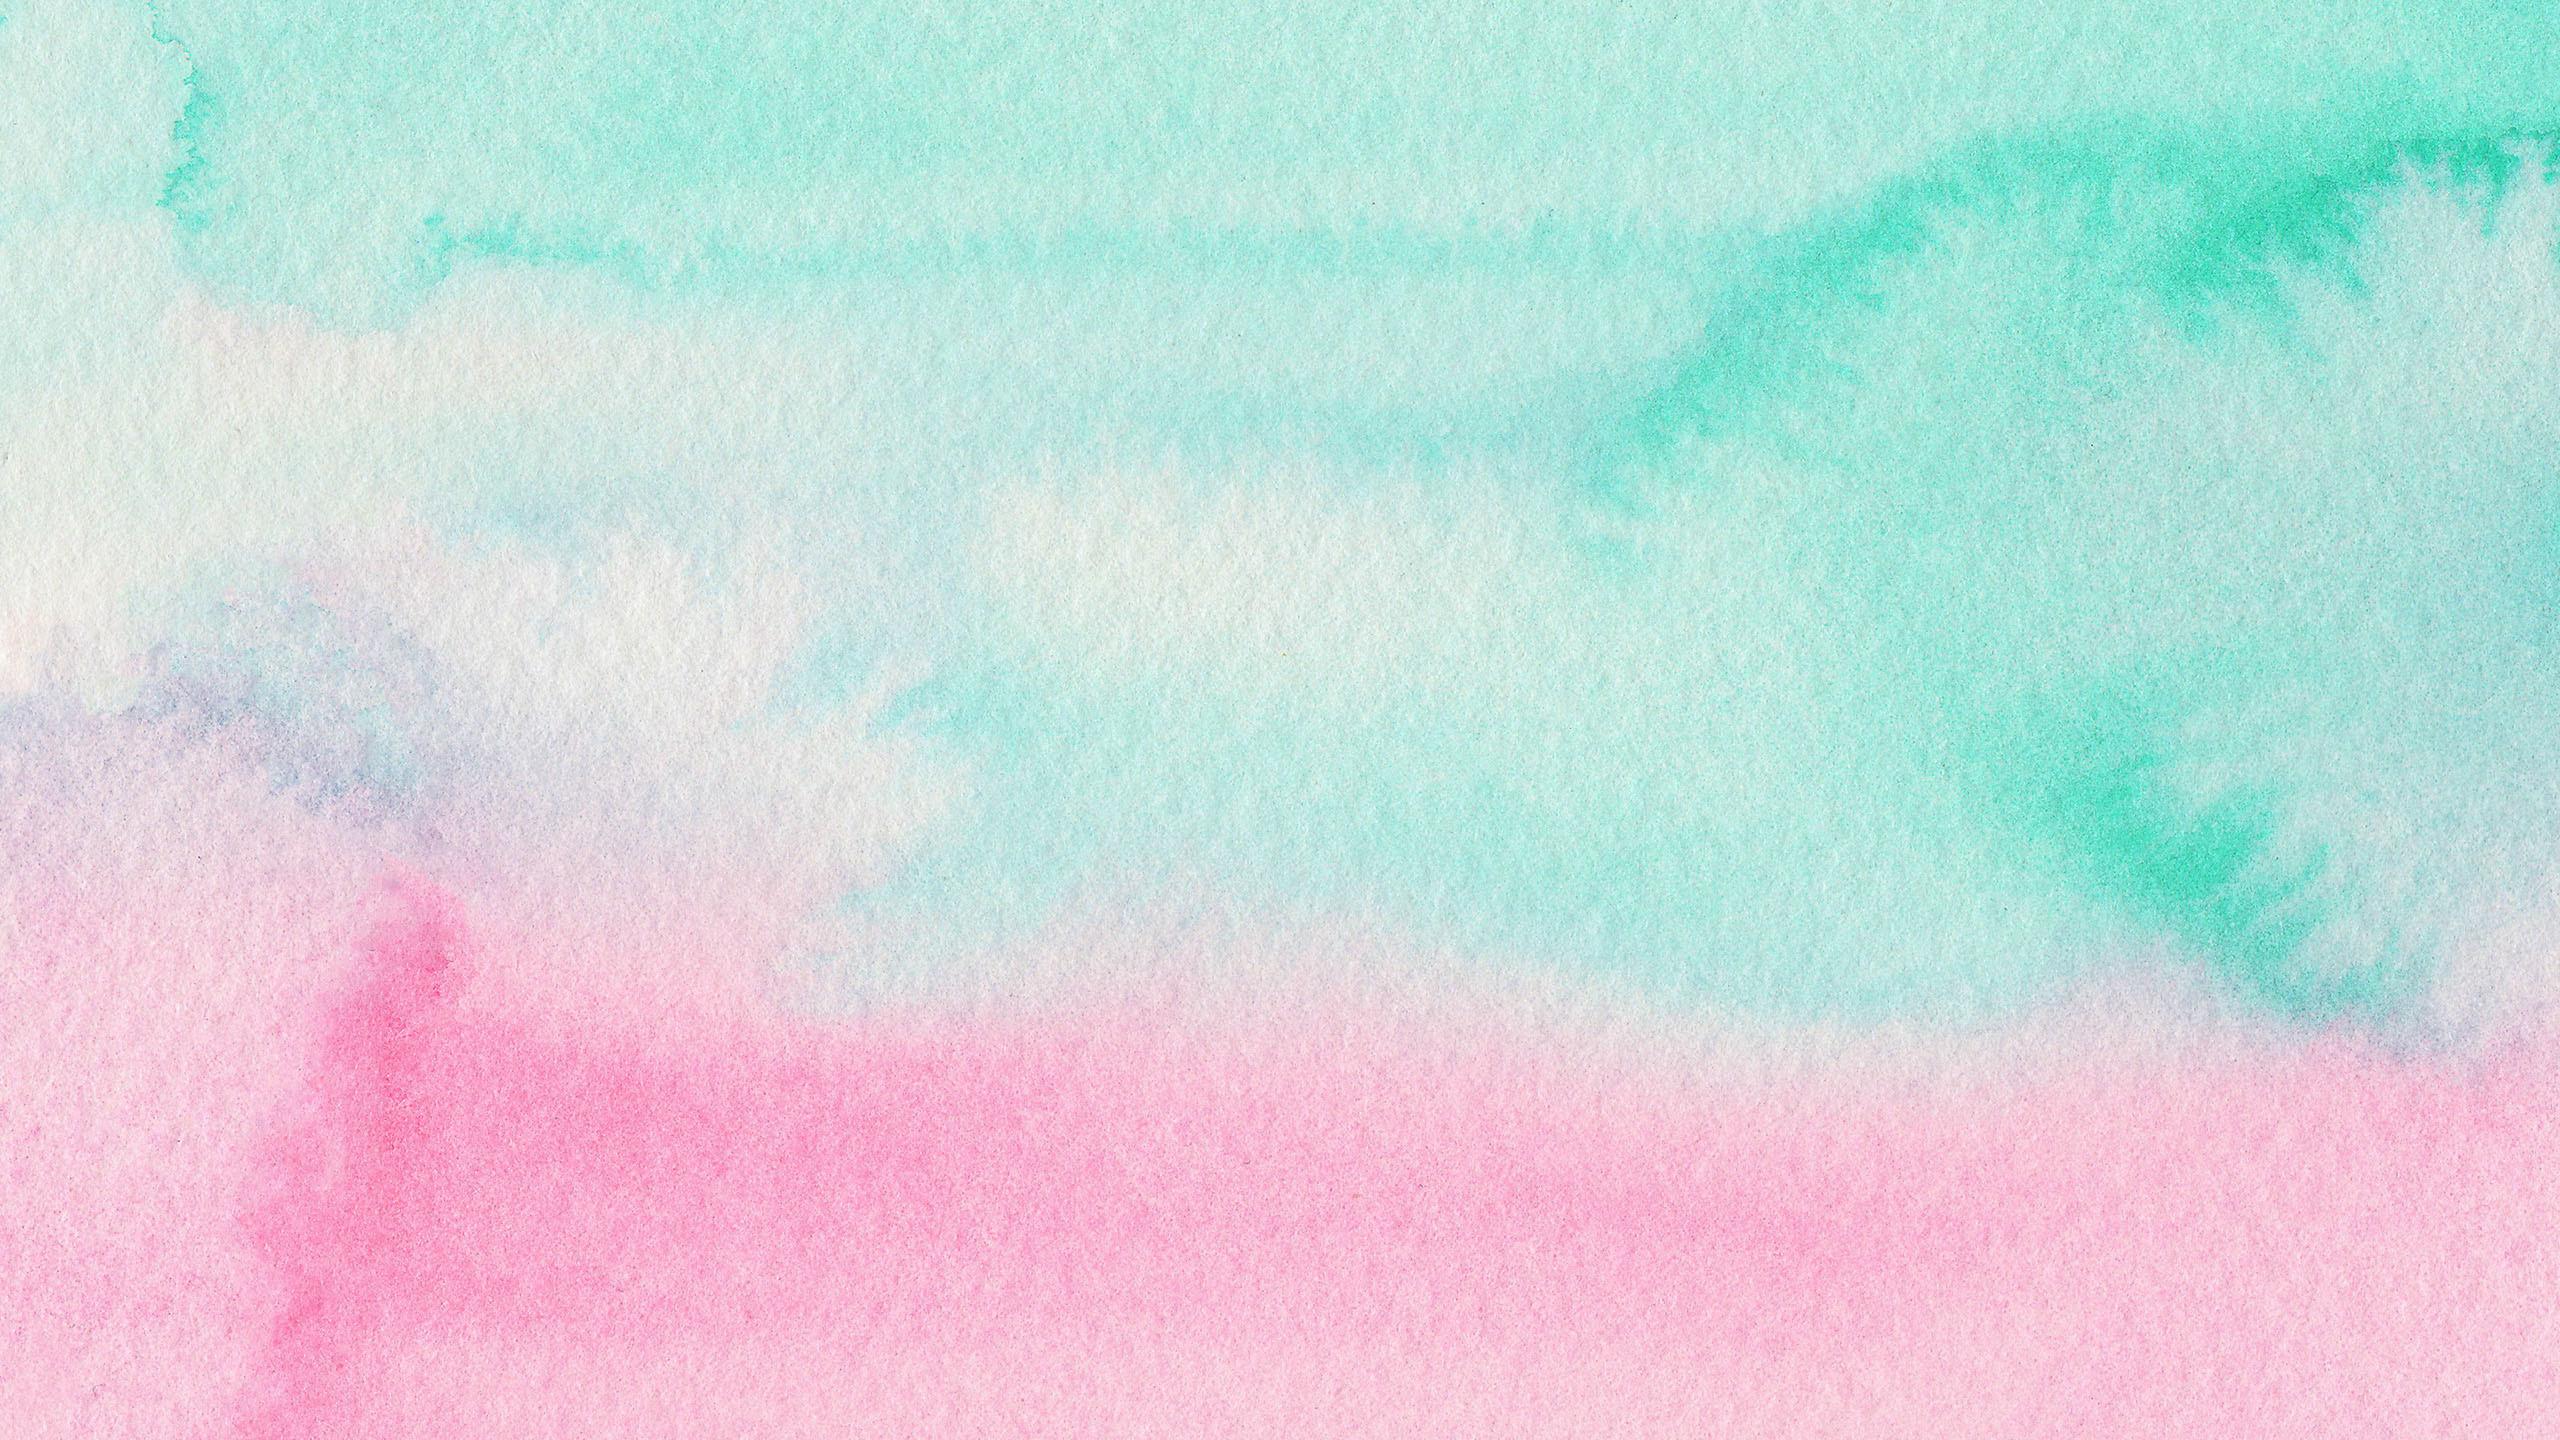 Cool Wallpapers 2560 x 1440 – WallpaperSafari